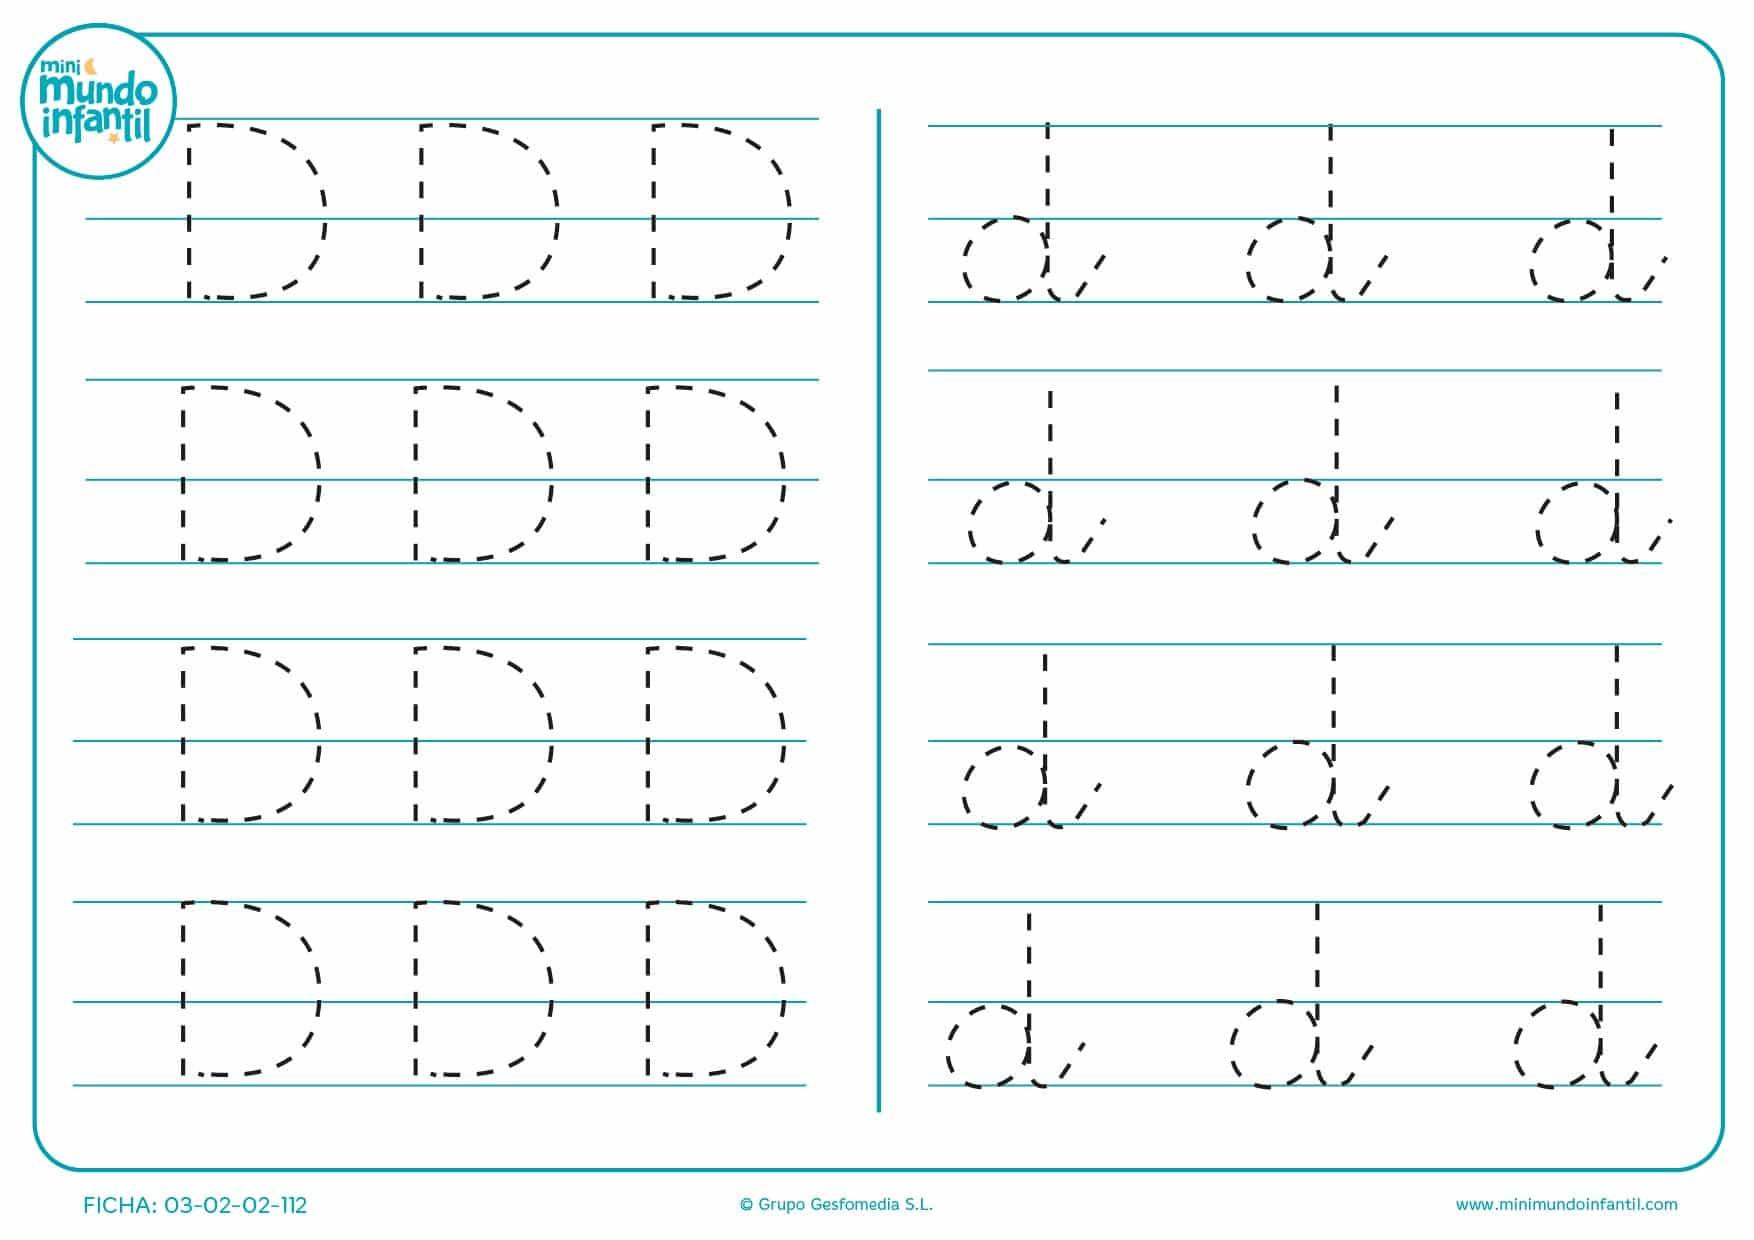 Seguir el trazo de la letra D en mayúscula y d en minúscula